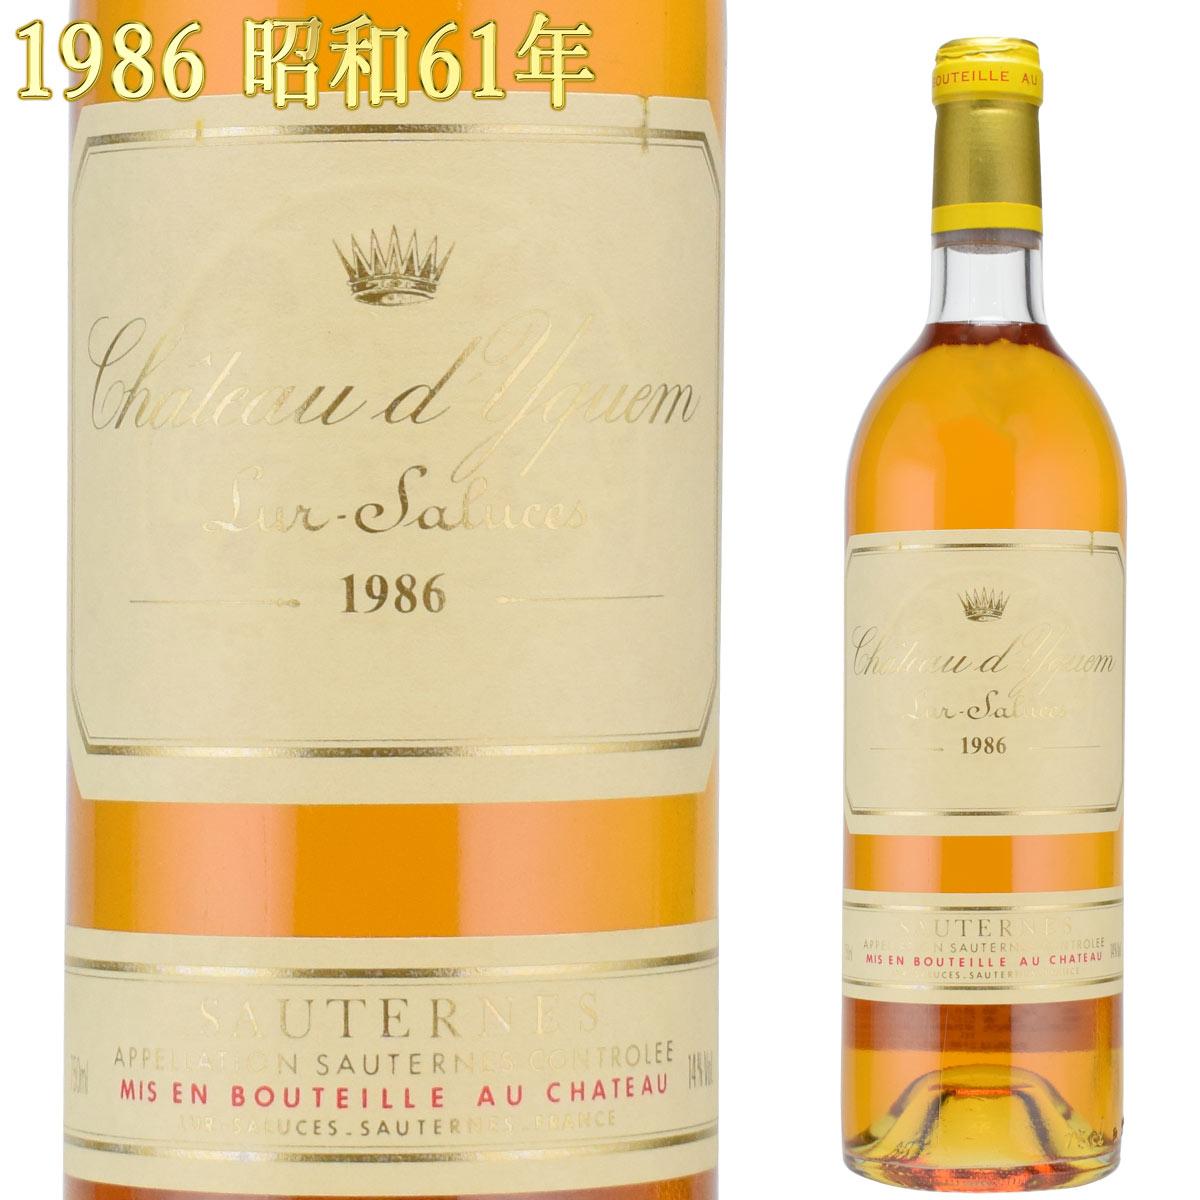 シャトー・ディケム 1986 750ml 貴腐ワイン ソーテルヌ 格付1級 CH.D'YQUEM 【Sauternes】